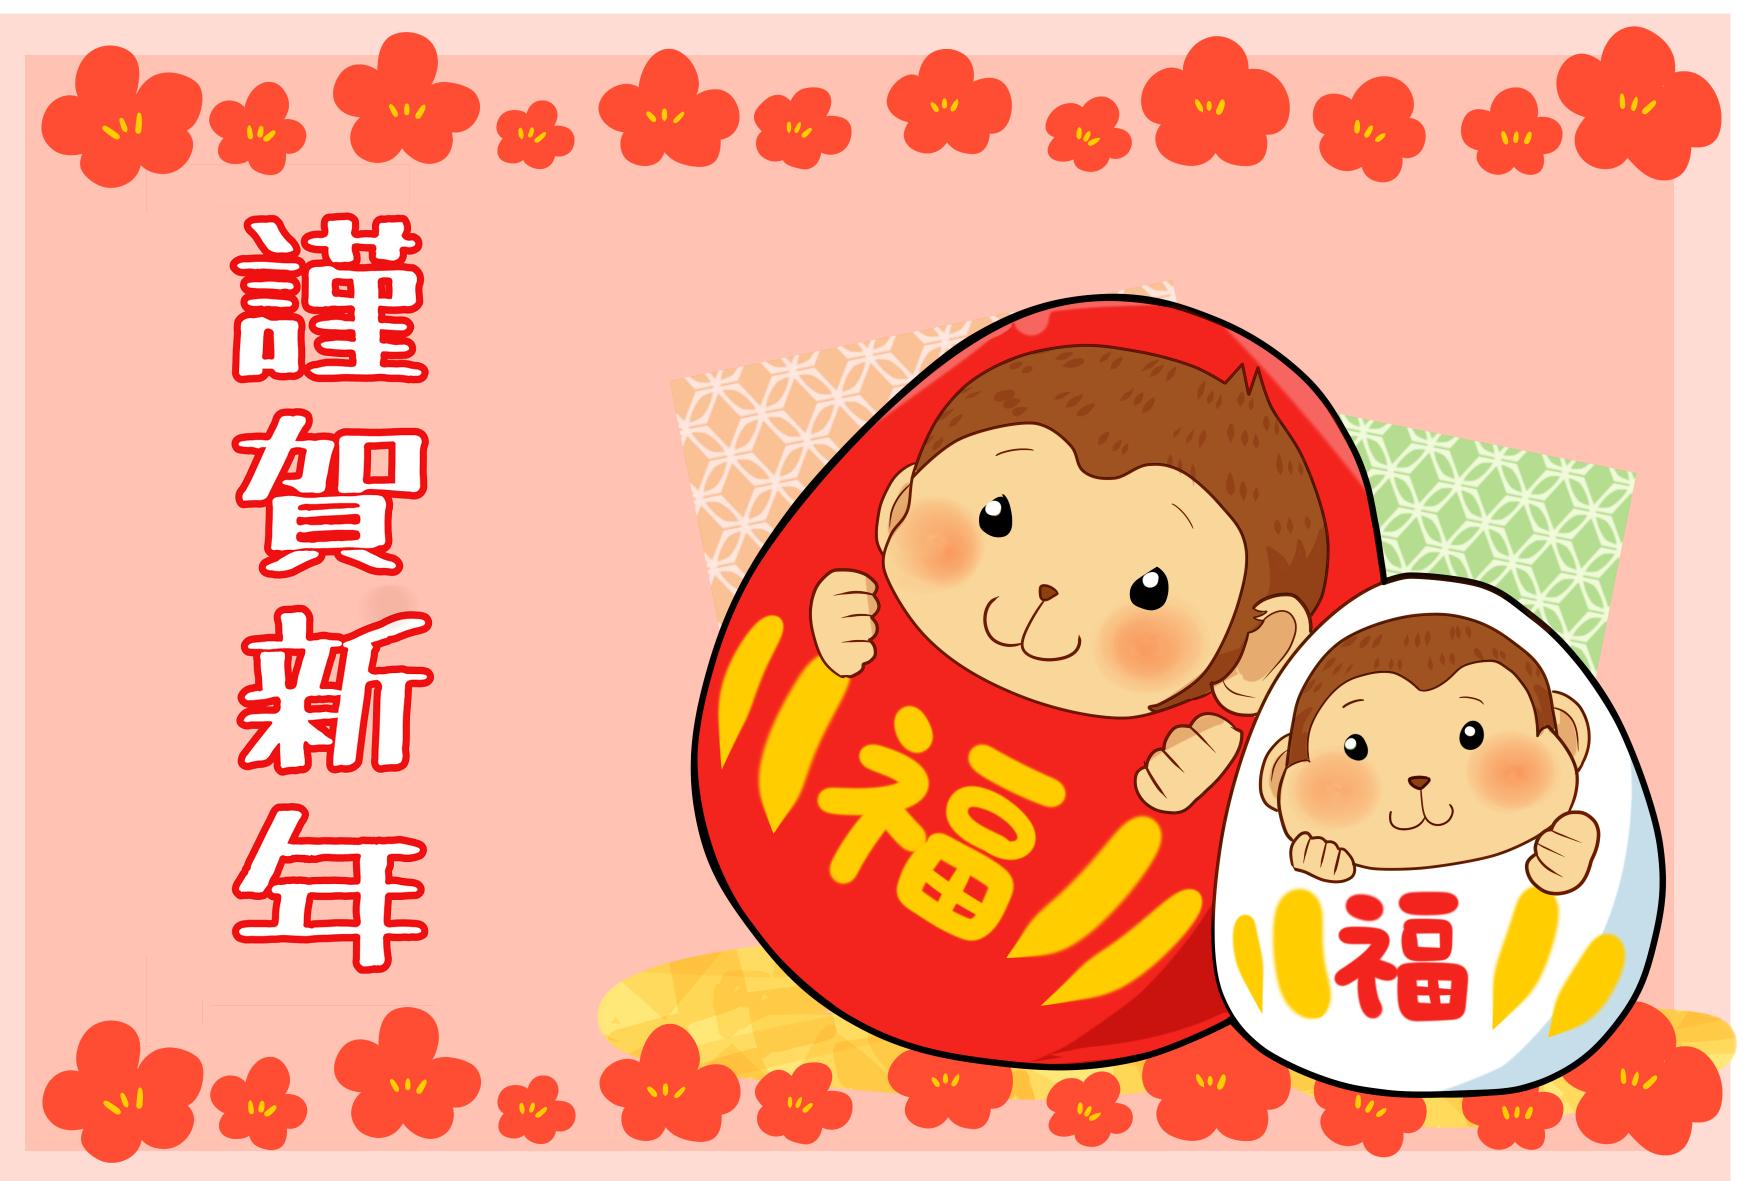 無料】お猿さんの紅白のだるま年賀状【可愛いイラスト】